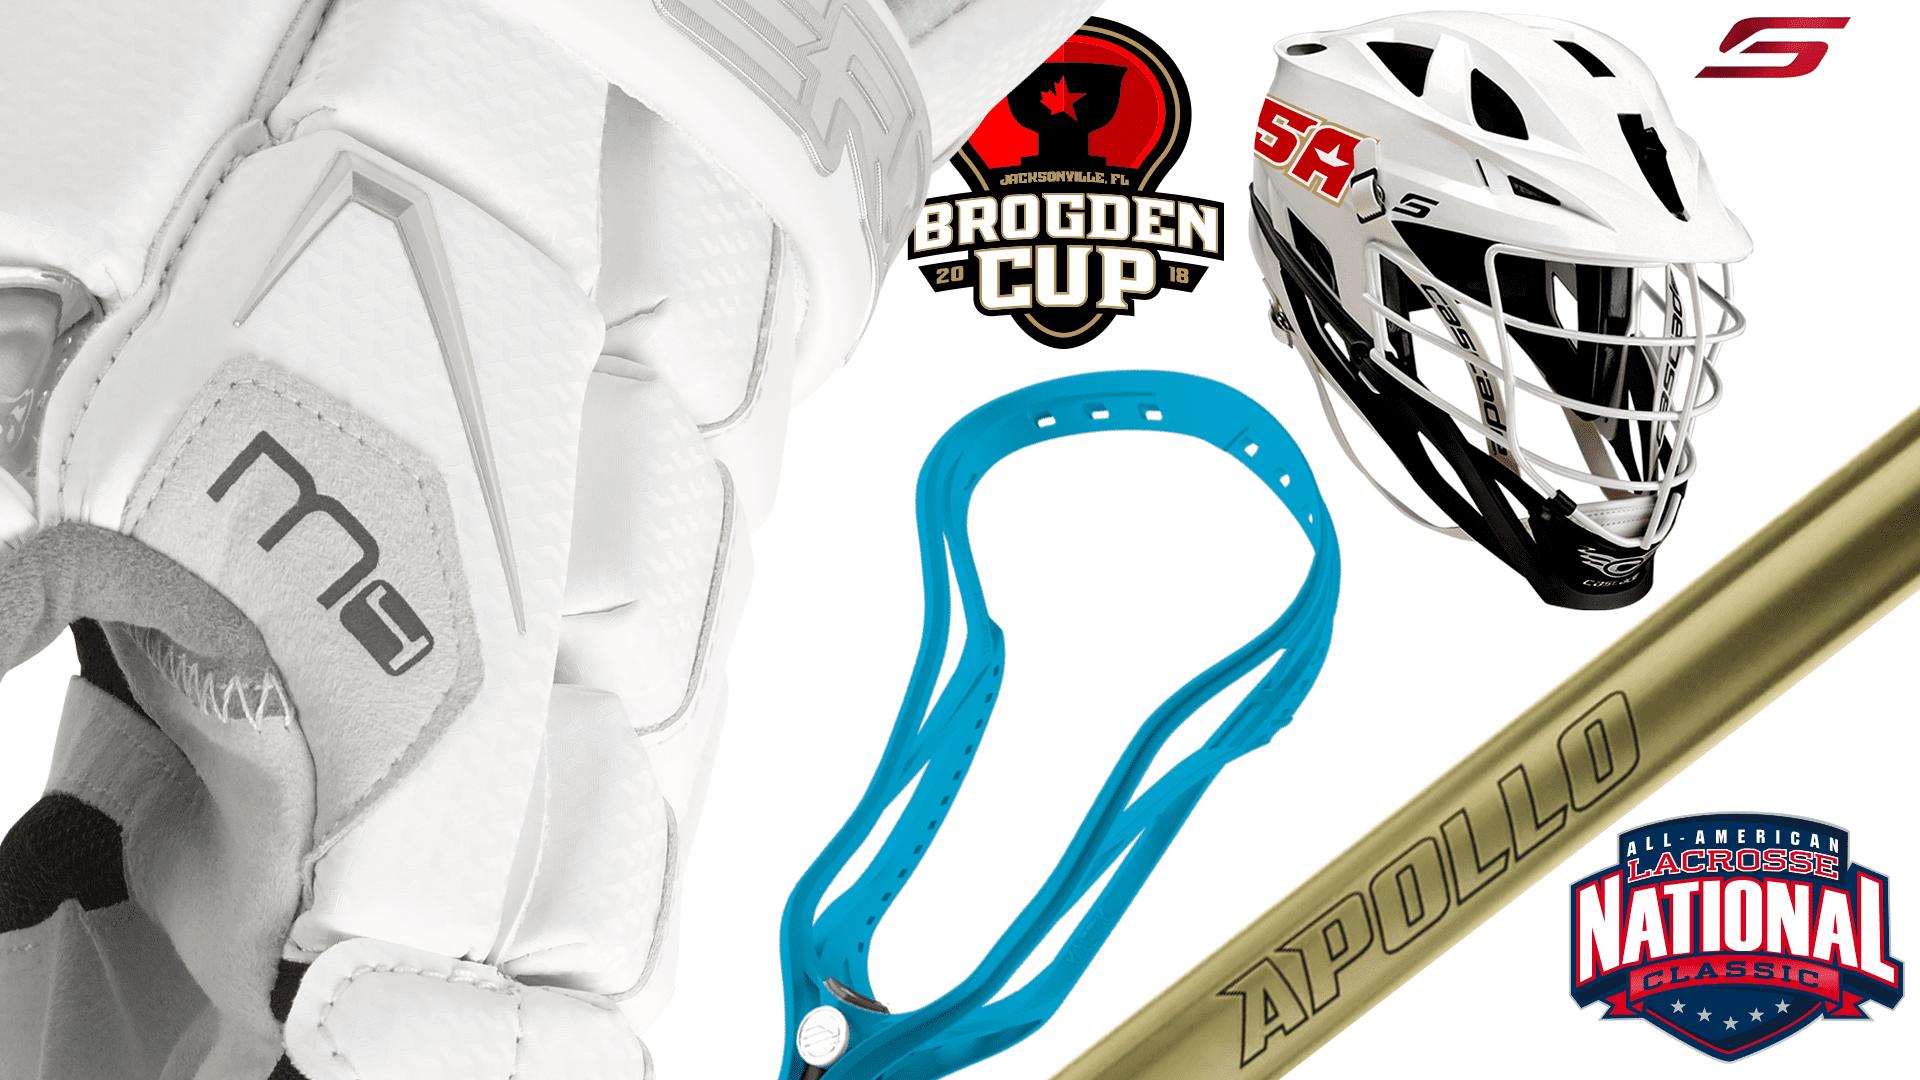 2018 gear giveaway - maverik lacrosse and cascade lacrosse